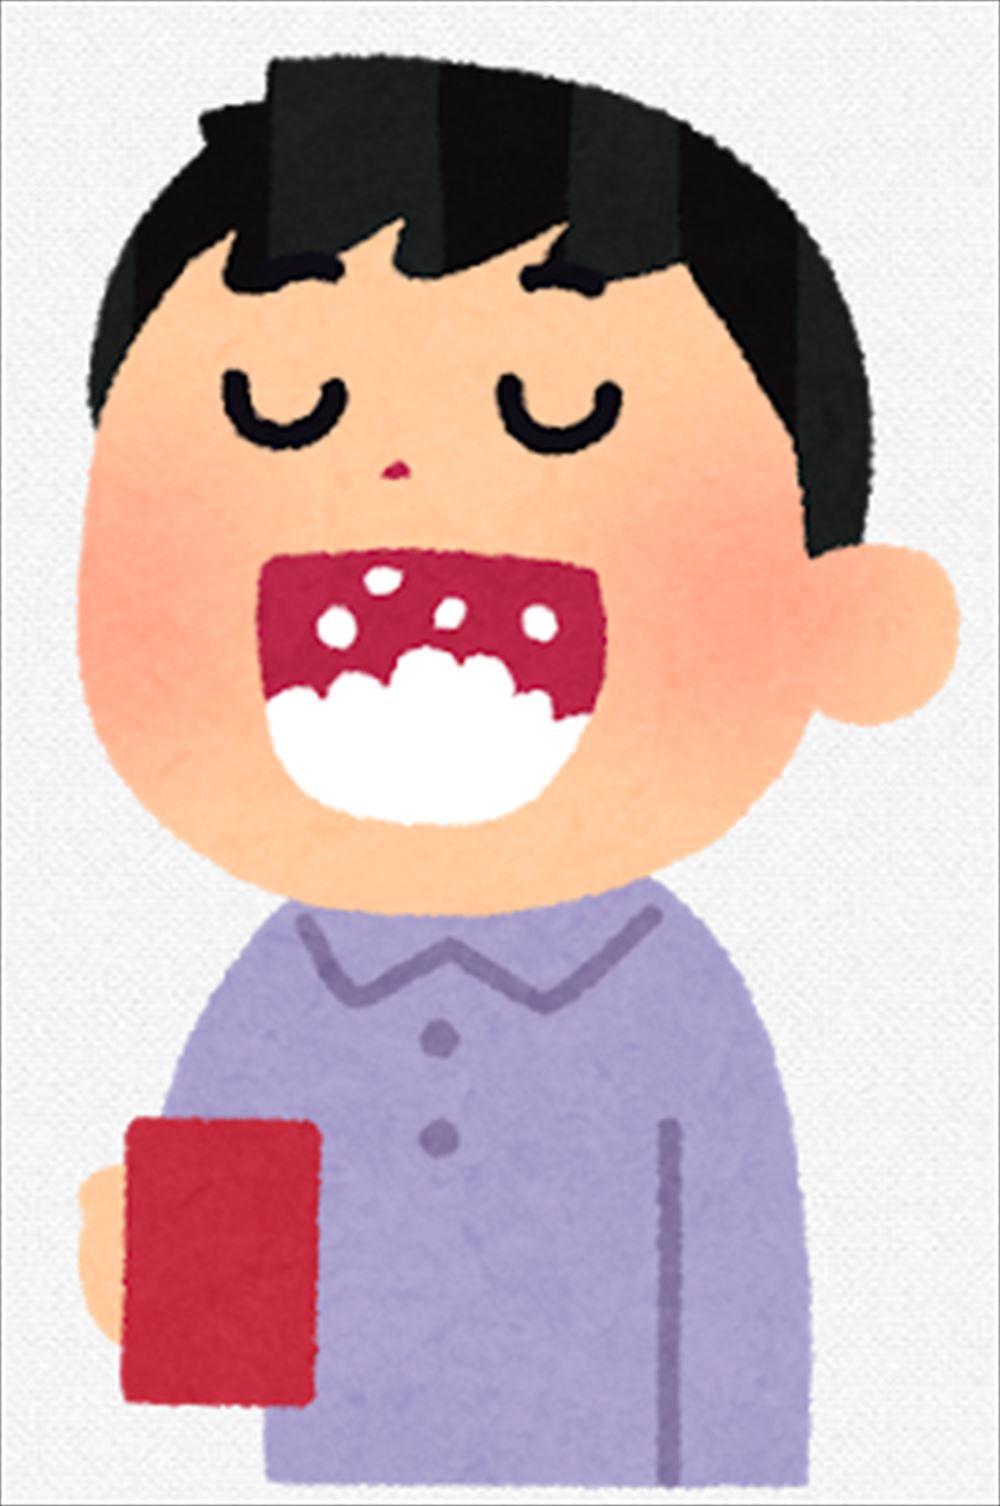 歯医者さんが教える正しいコロナ対策うがいとは?